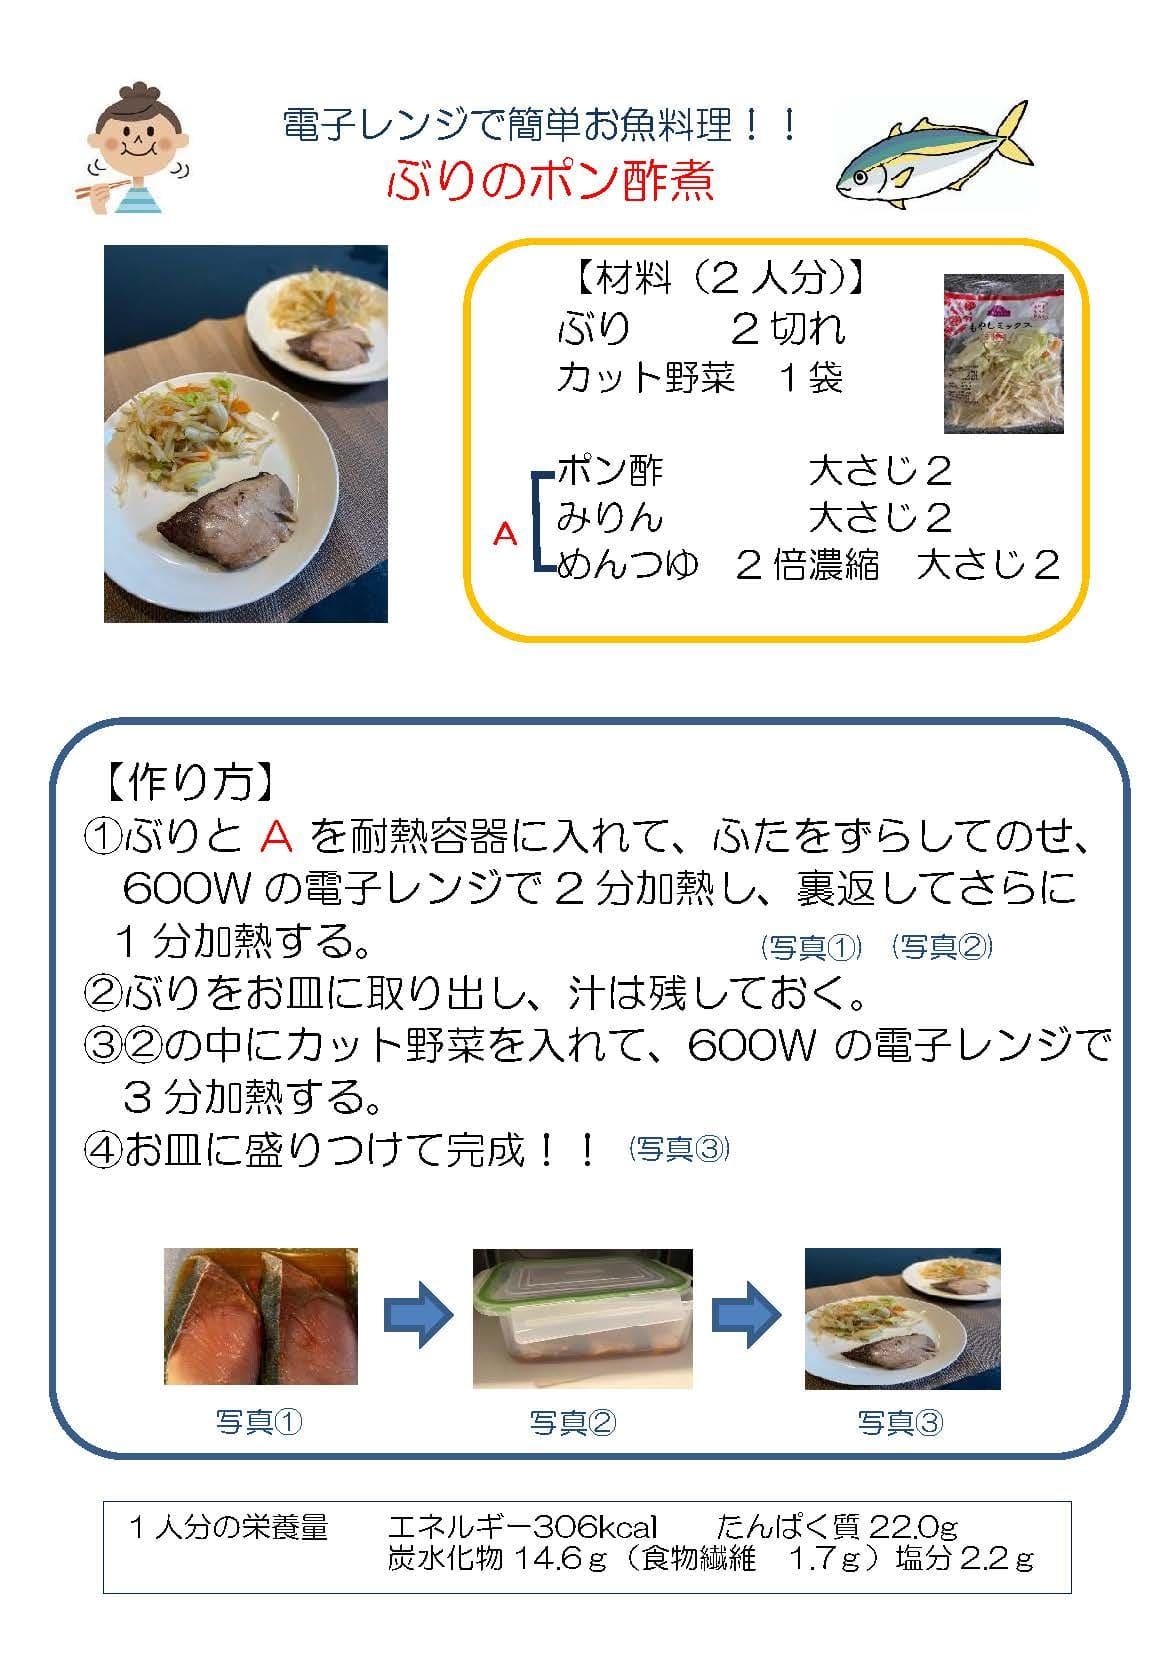 【画像】ぶりのポン酢煮